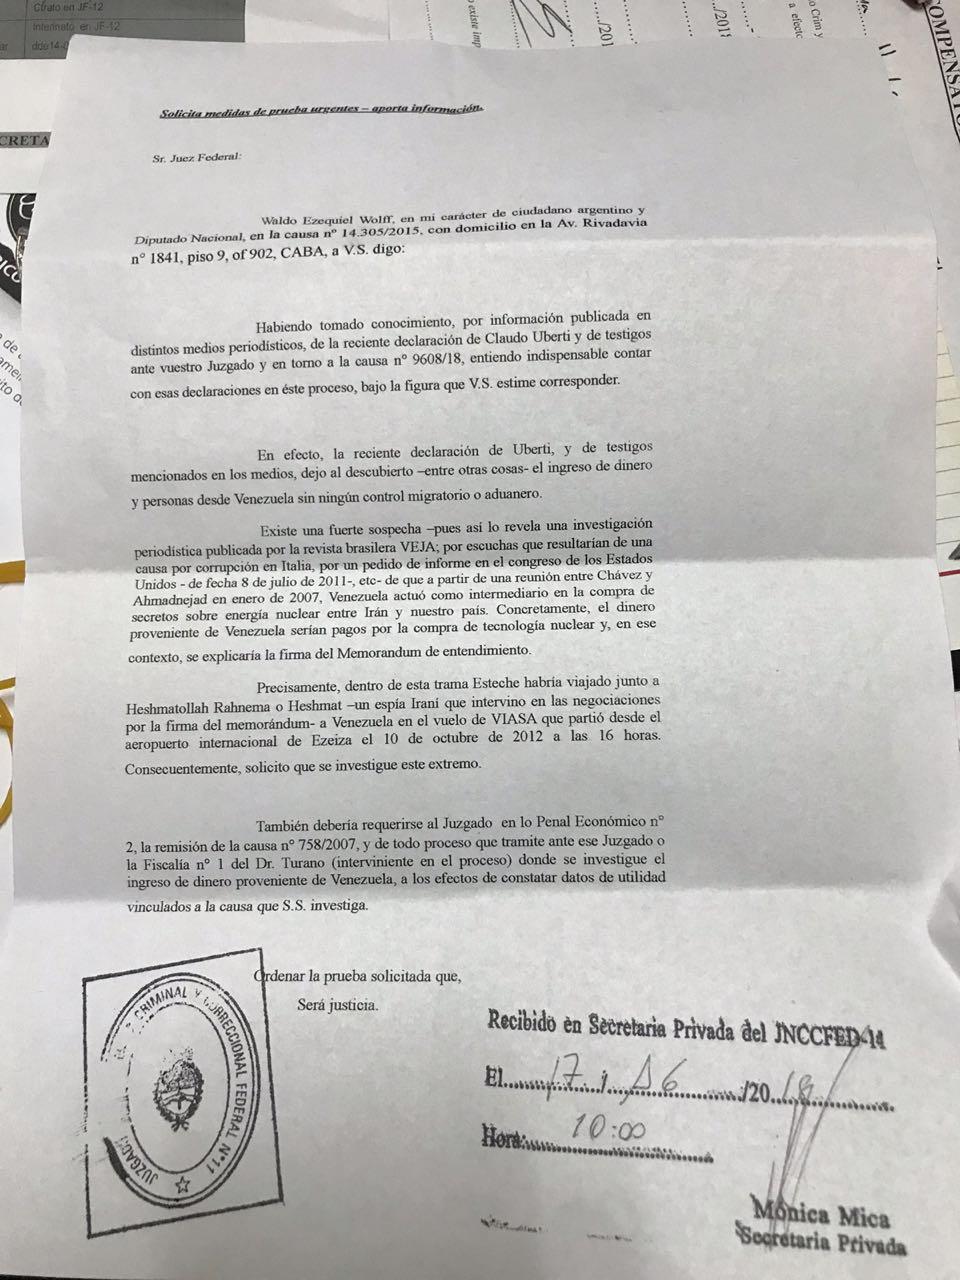 El diputado Wolff presentó un escrito ante el juez Bonadio